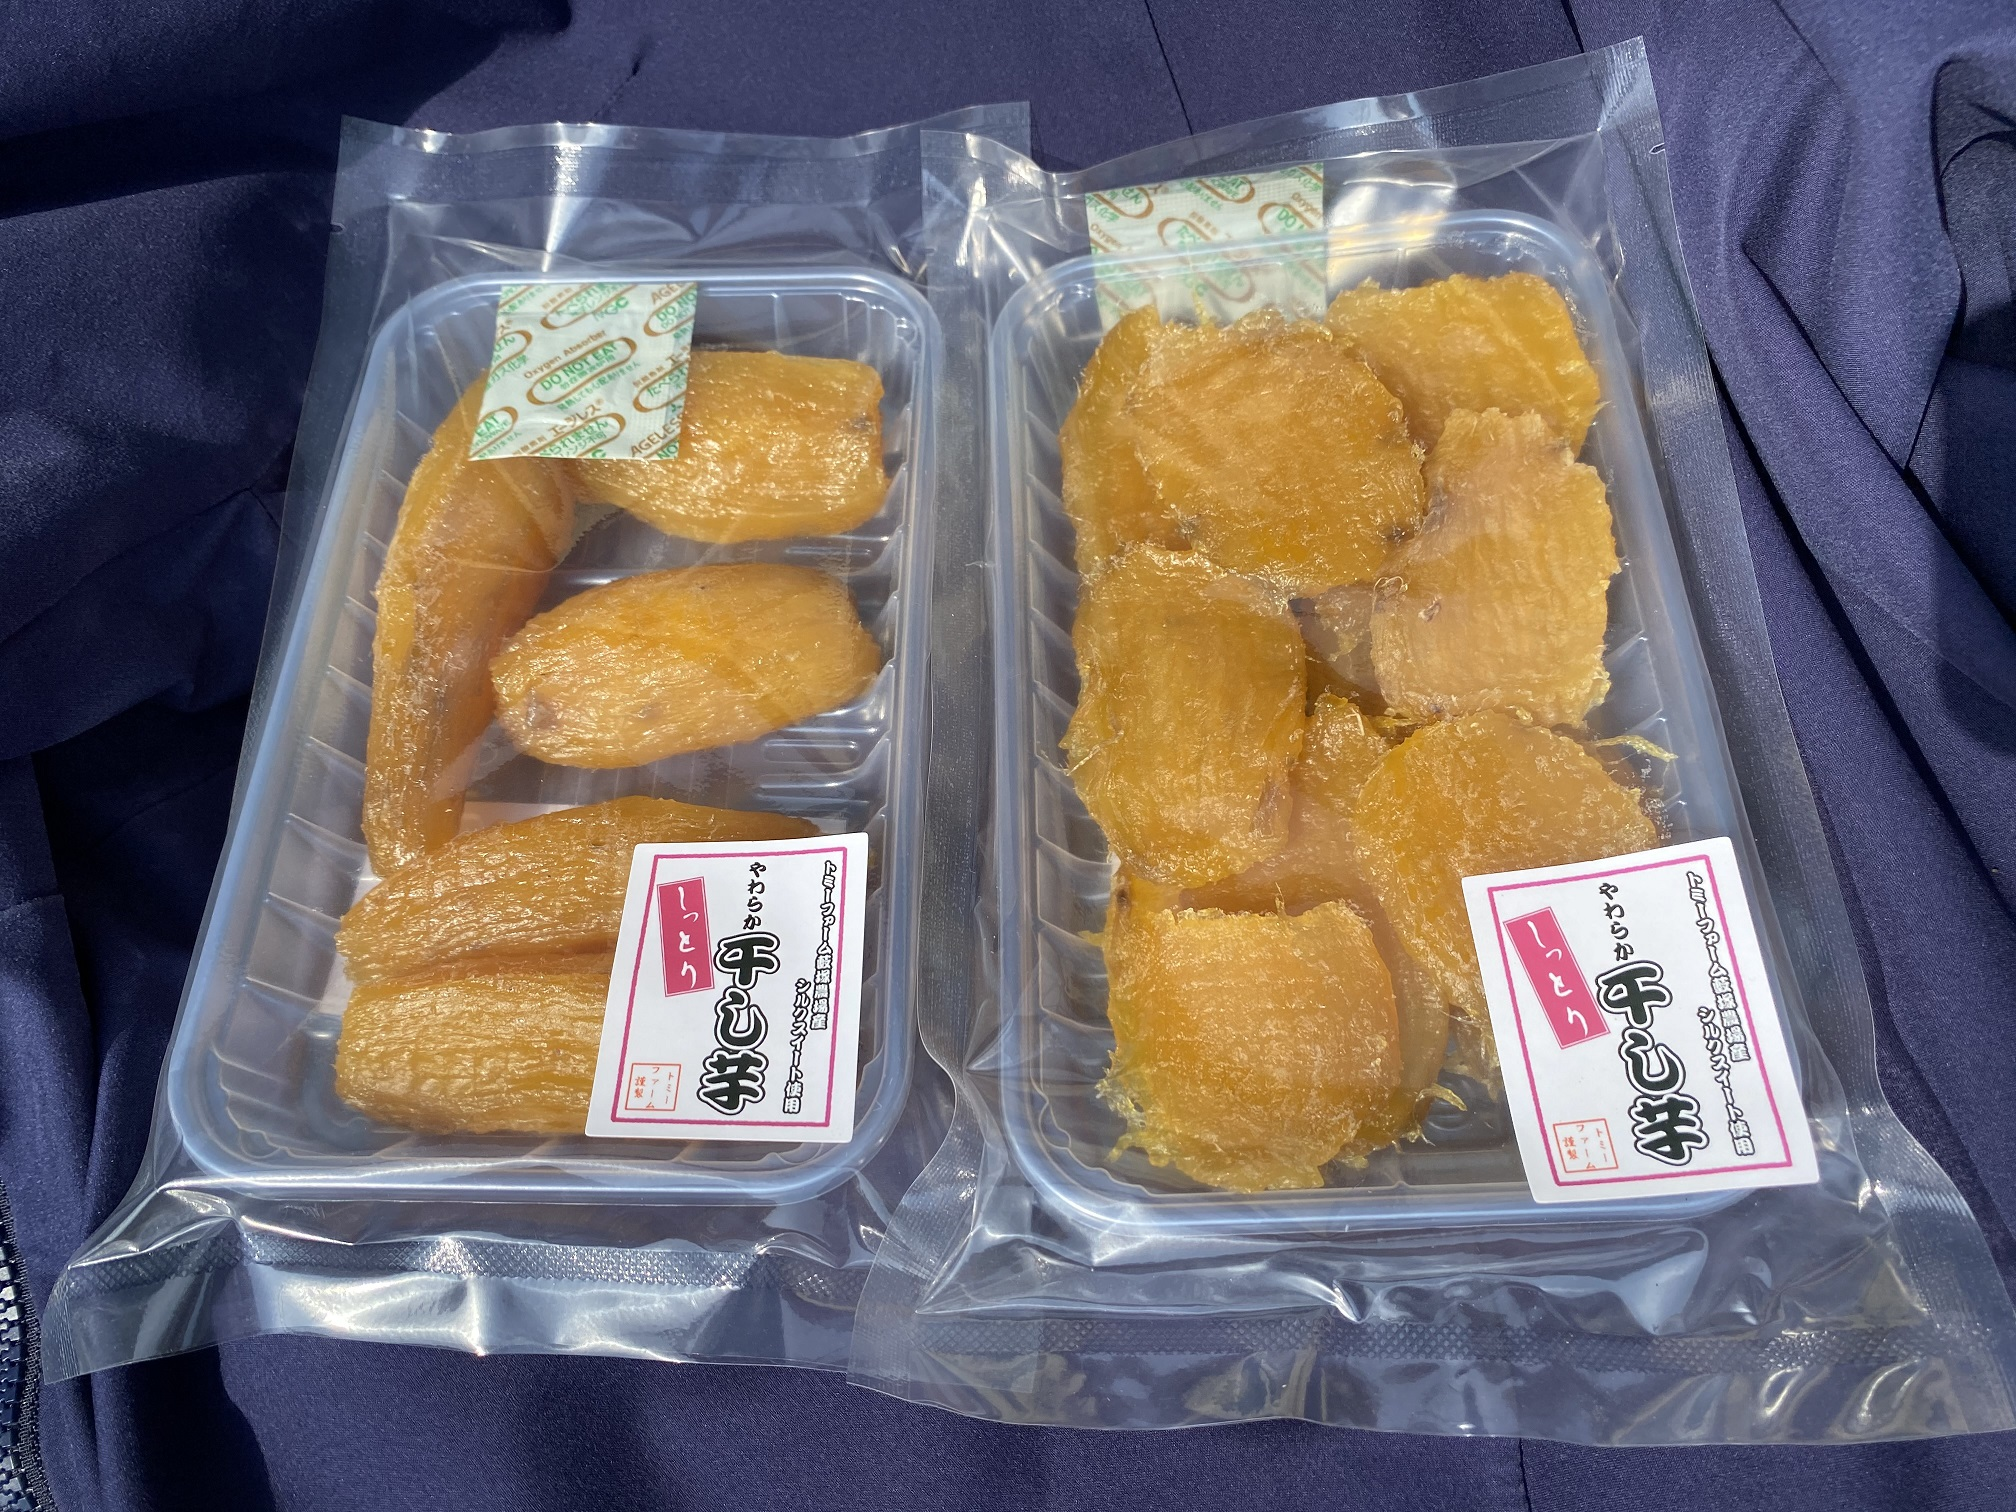 しっとりやわらか。シルクスイートの干し芋、平・丸選べる組み合わせ自由2個パック送料込み1,790円